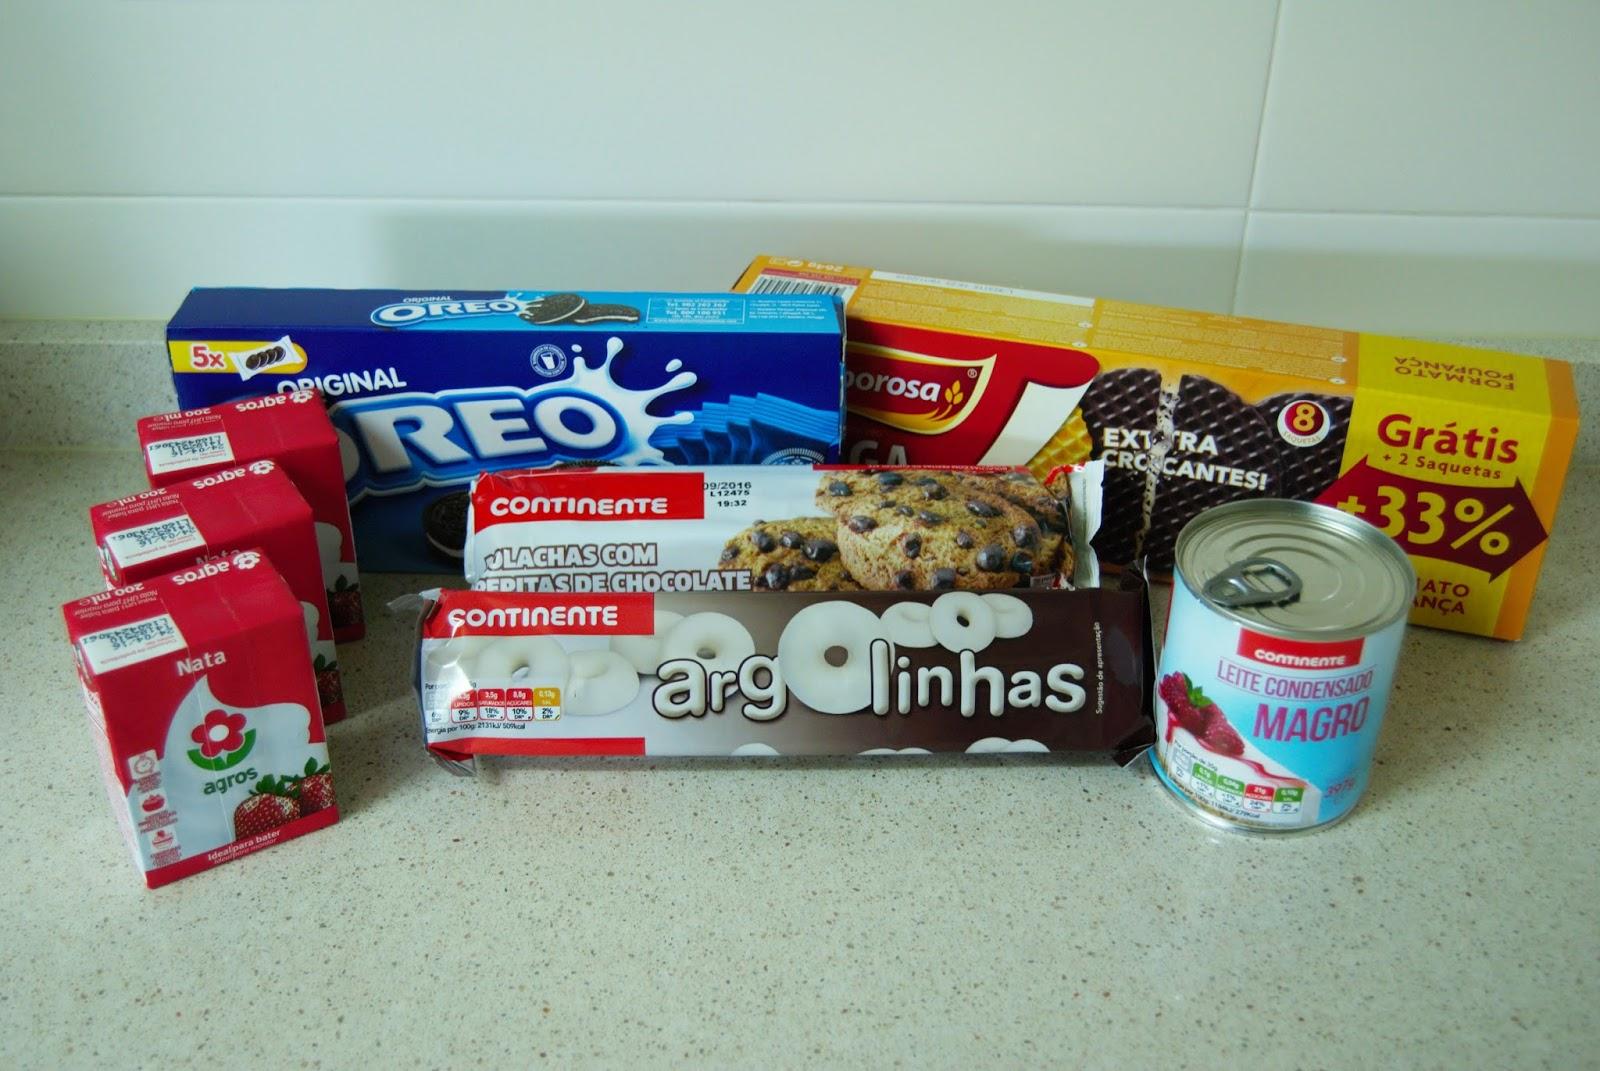 sobremesa-doce-oreo-belgas-filipinos-chocolate-pepitas-continente-agros-natas